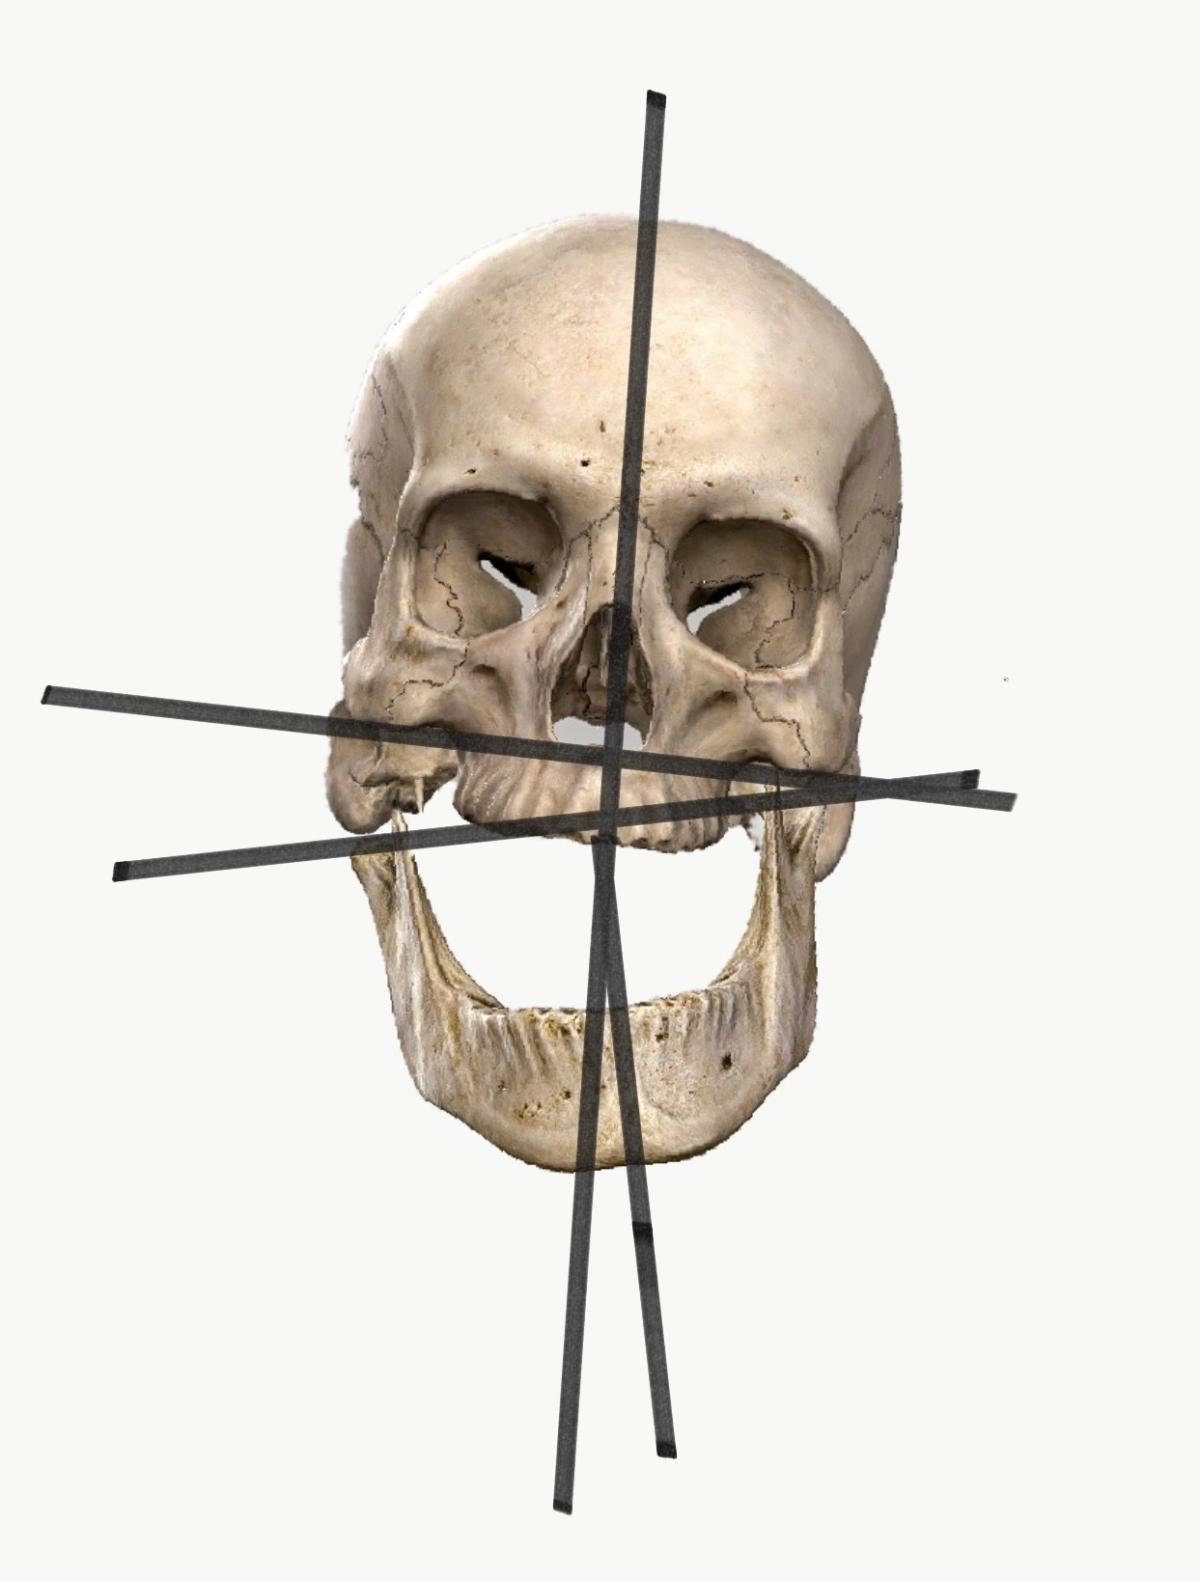 顎関節症には頭蓋の調整と頚椎の調整